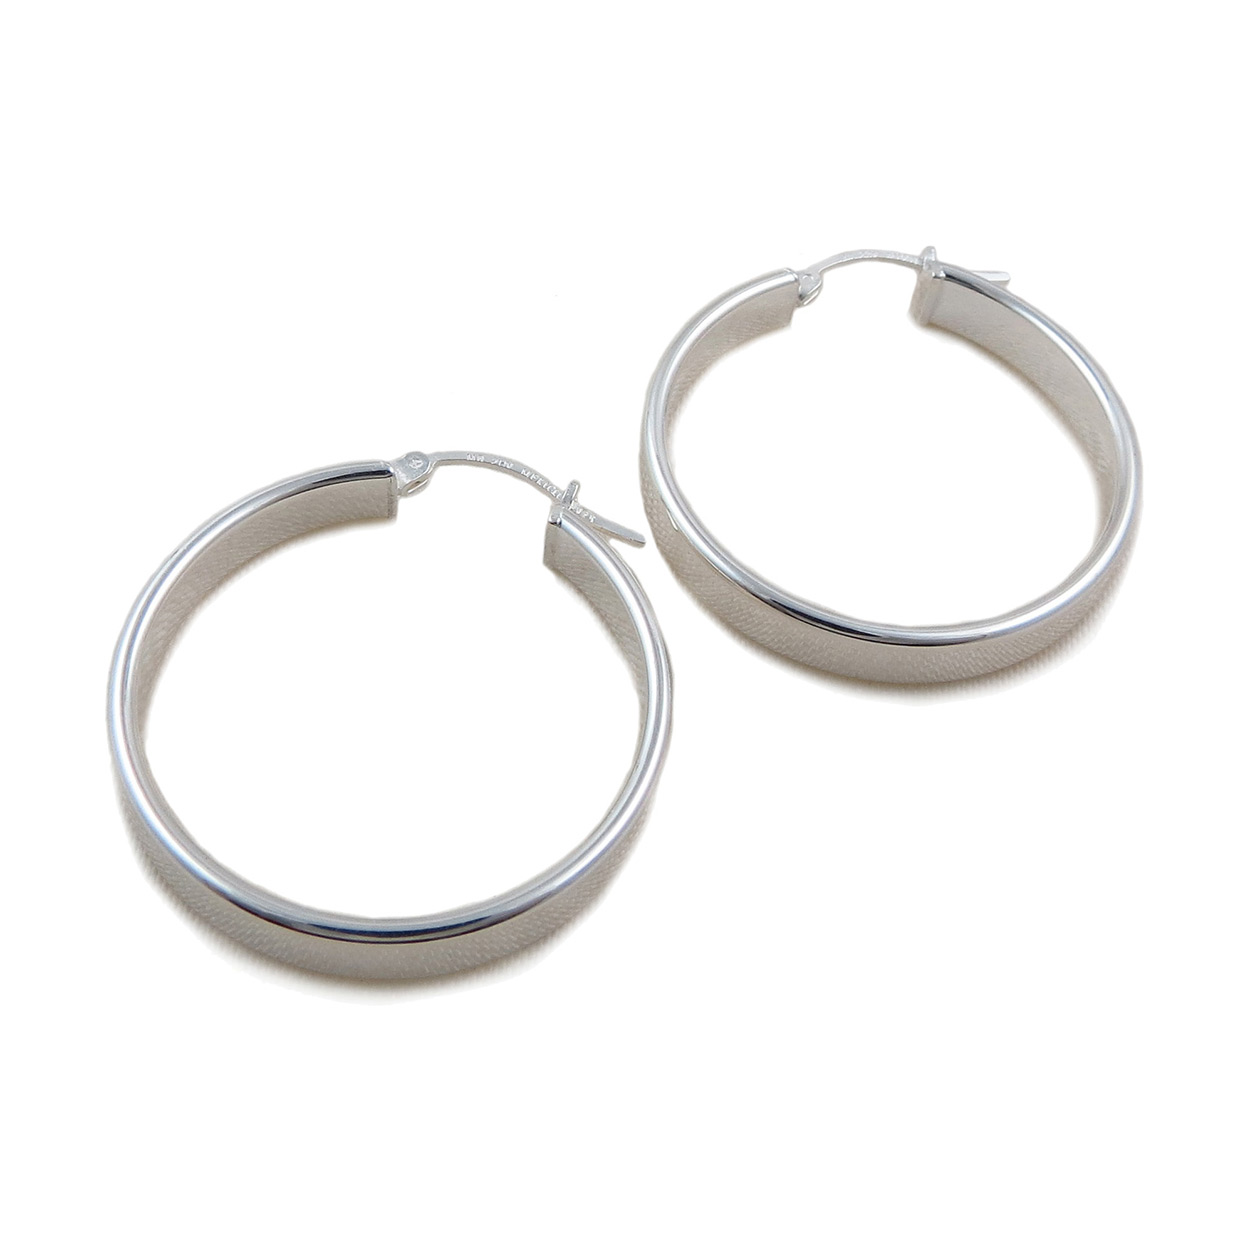 Large Creole Hoops 925 Sterling Silver Hoop Earrings